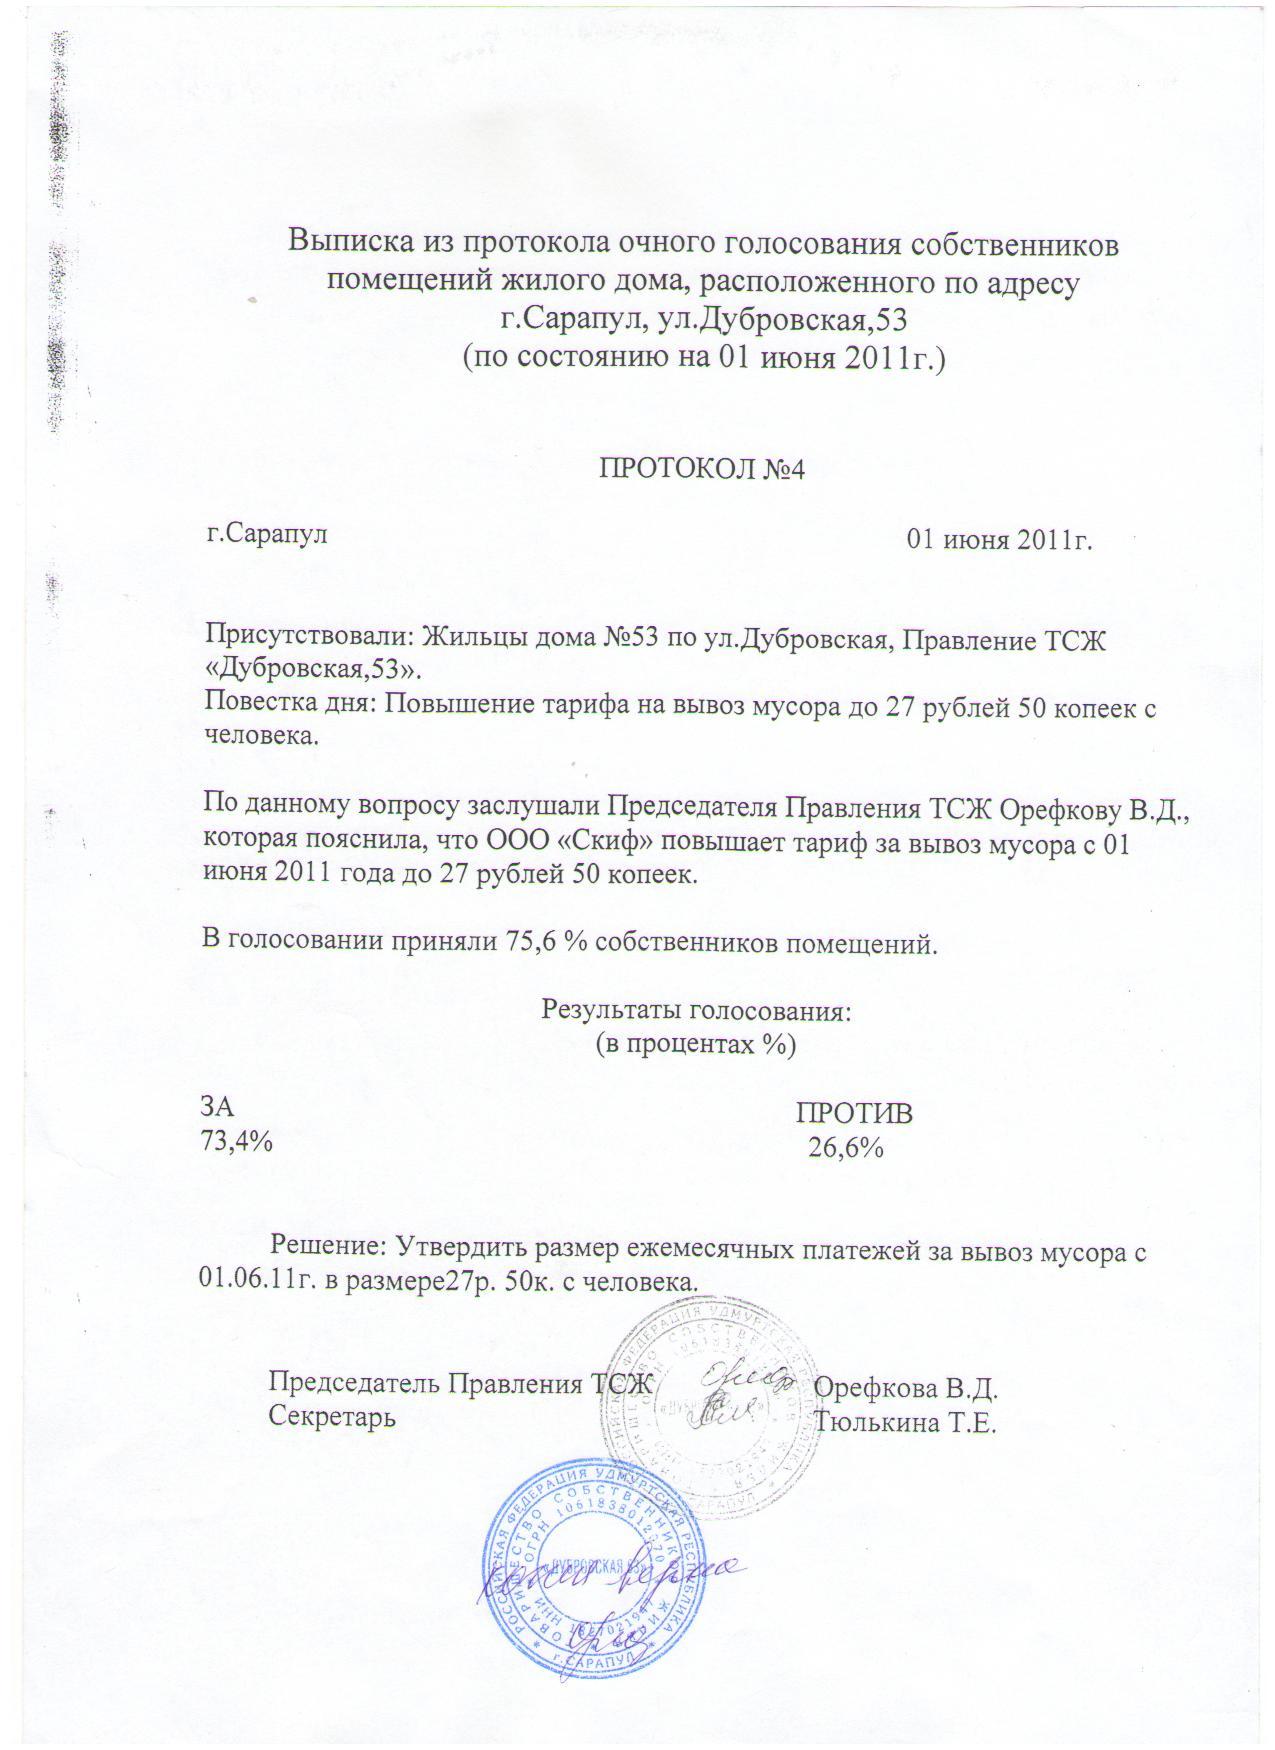 Протокол заседания или собрания, его содержание и образец 22